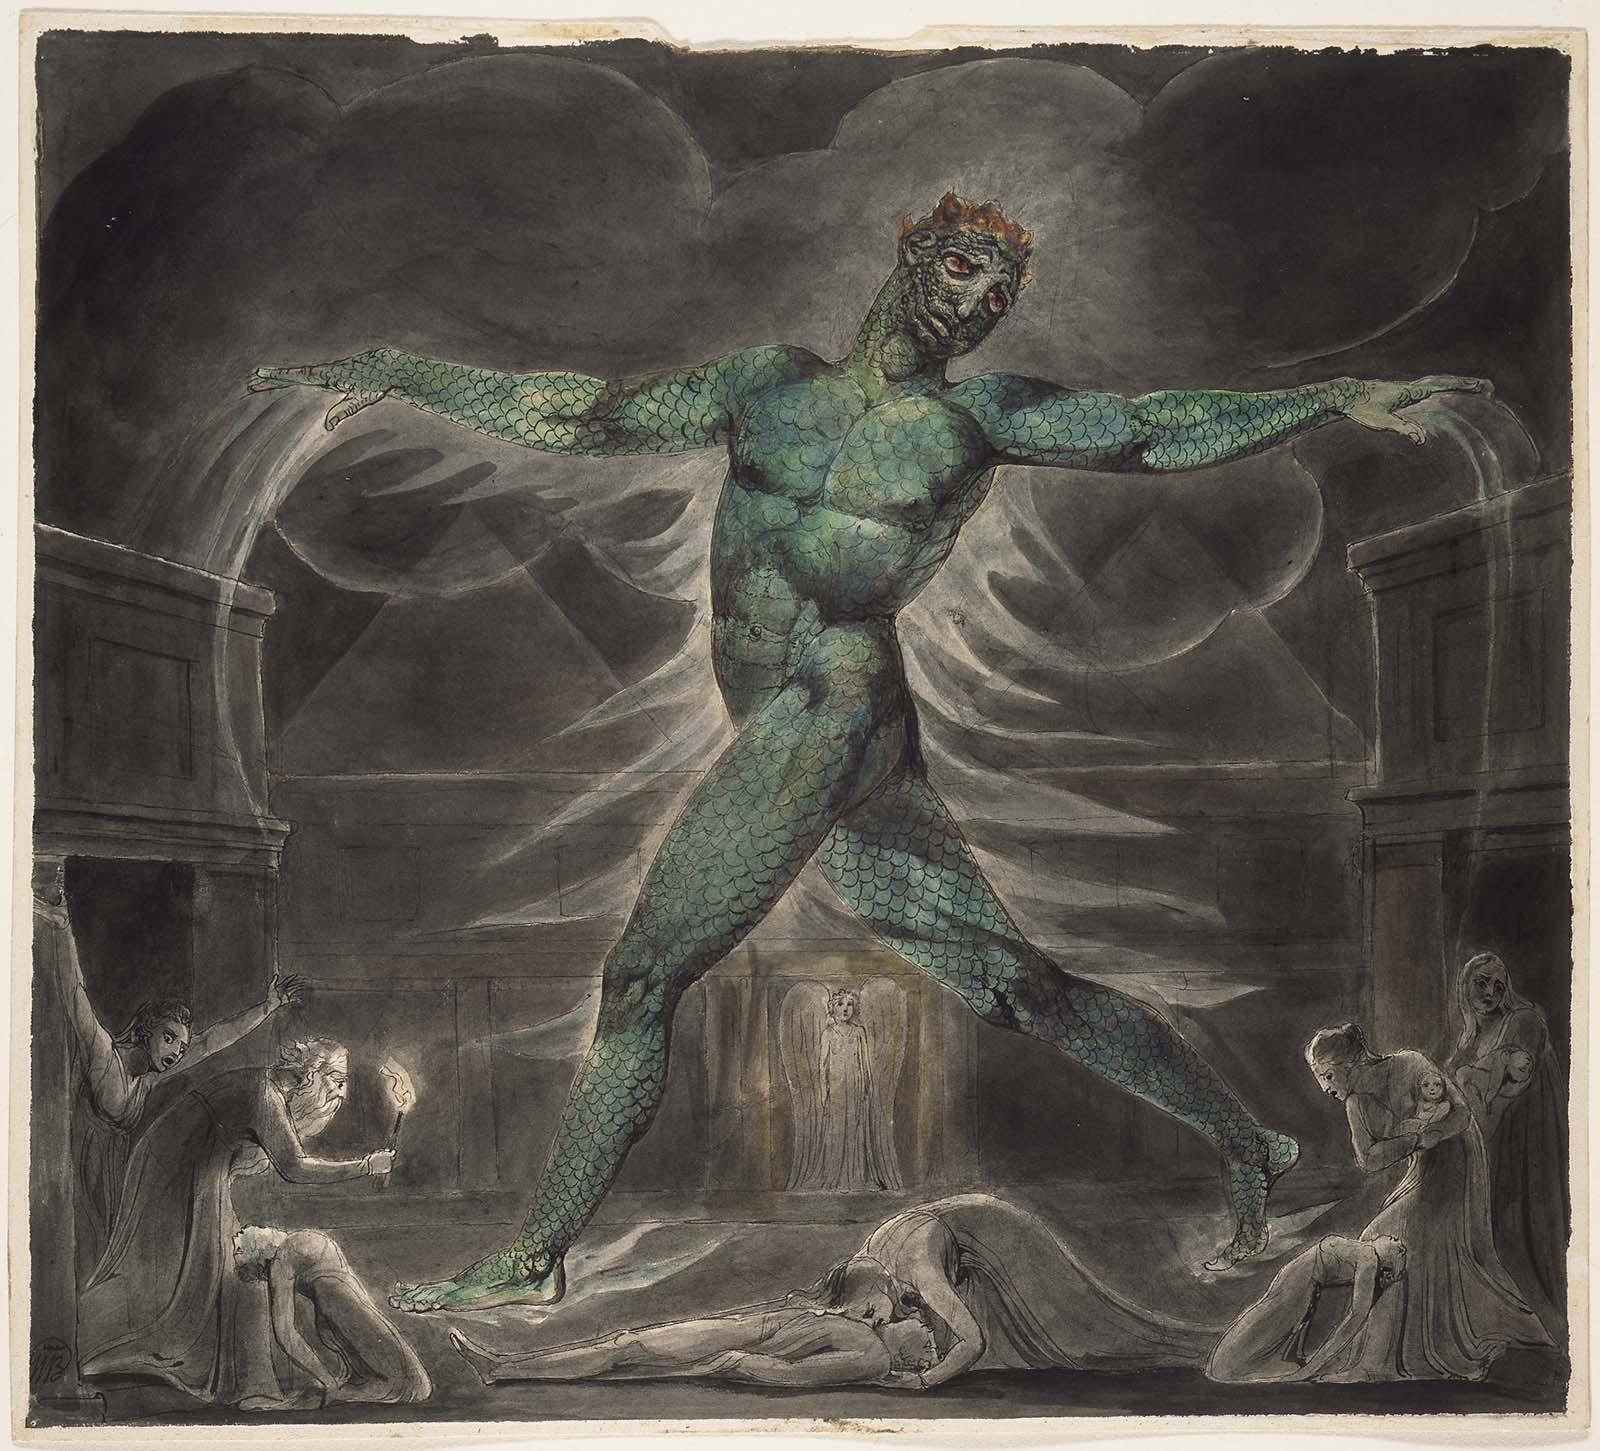 mfa images religion and mythology museum of fine arts